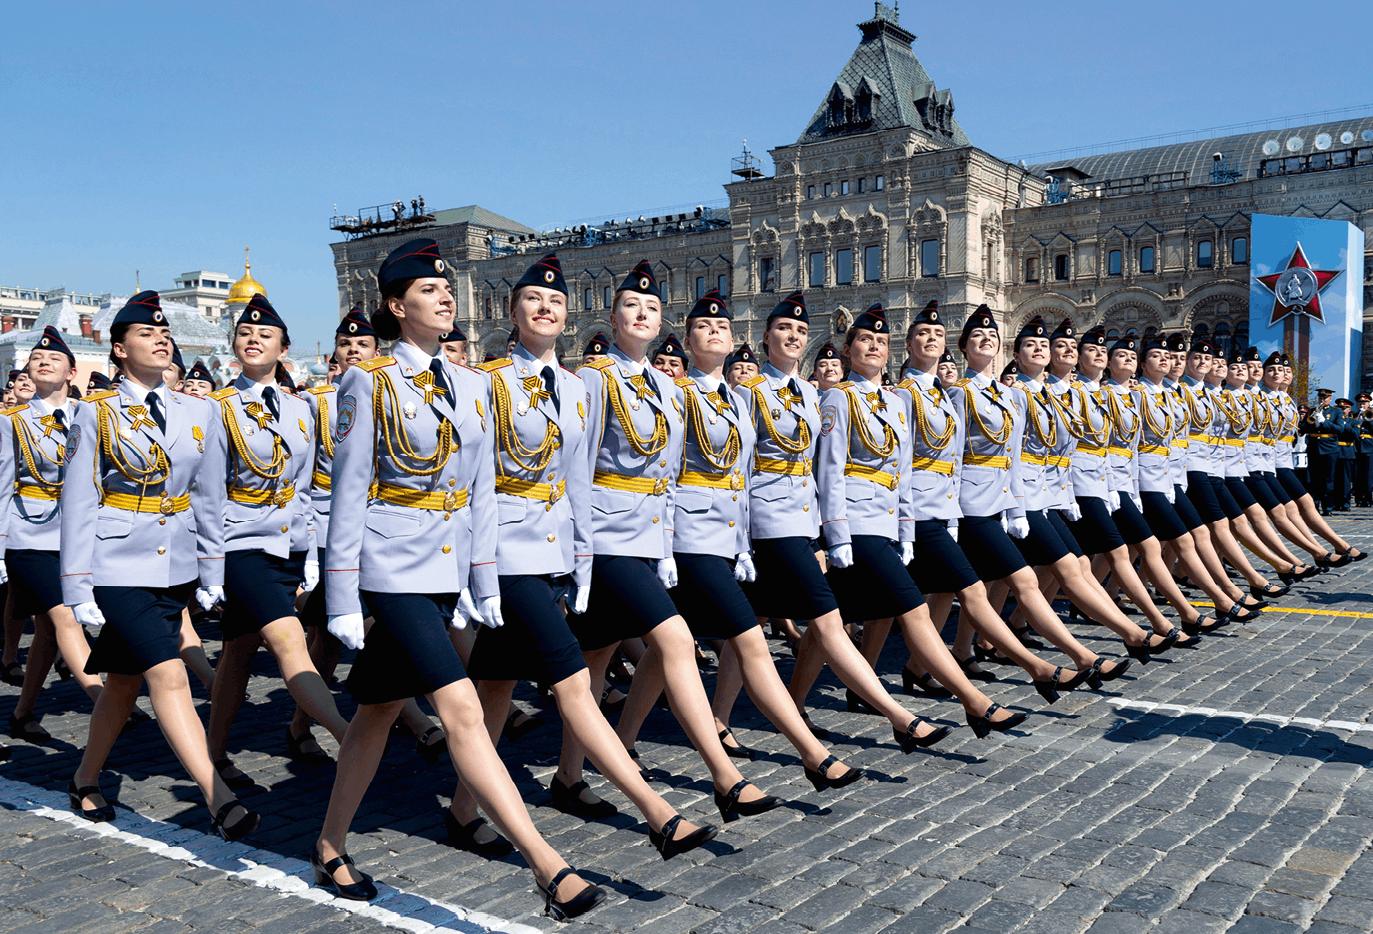 Célébration du 74e anniversaire de la victoire des Soviétiques sur les nazis à Moscou, Mikhaïl Svetlov, 7 avril 2019, photographie.